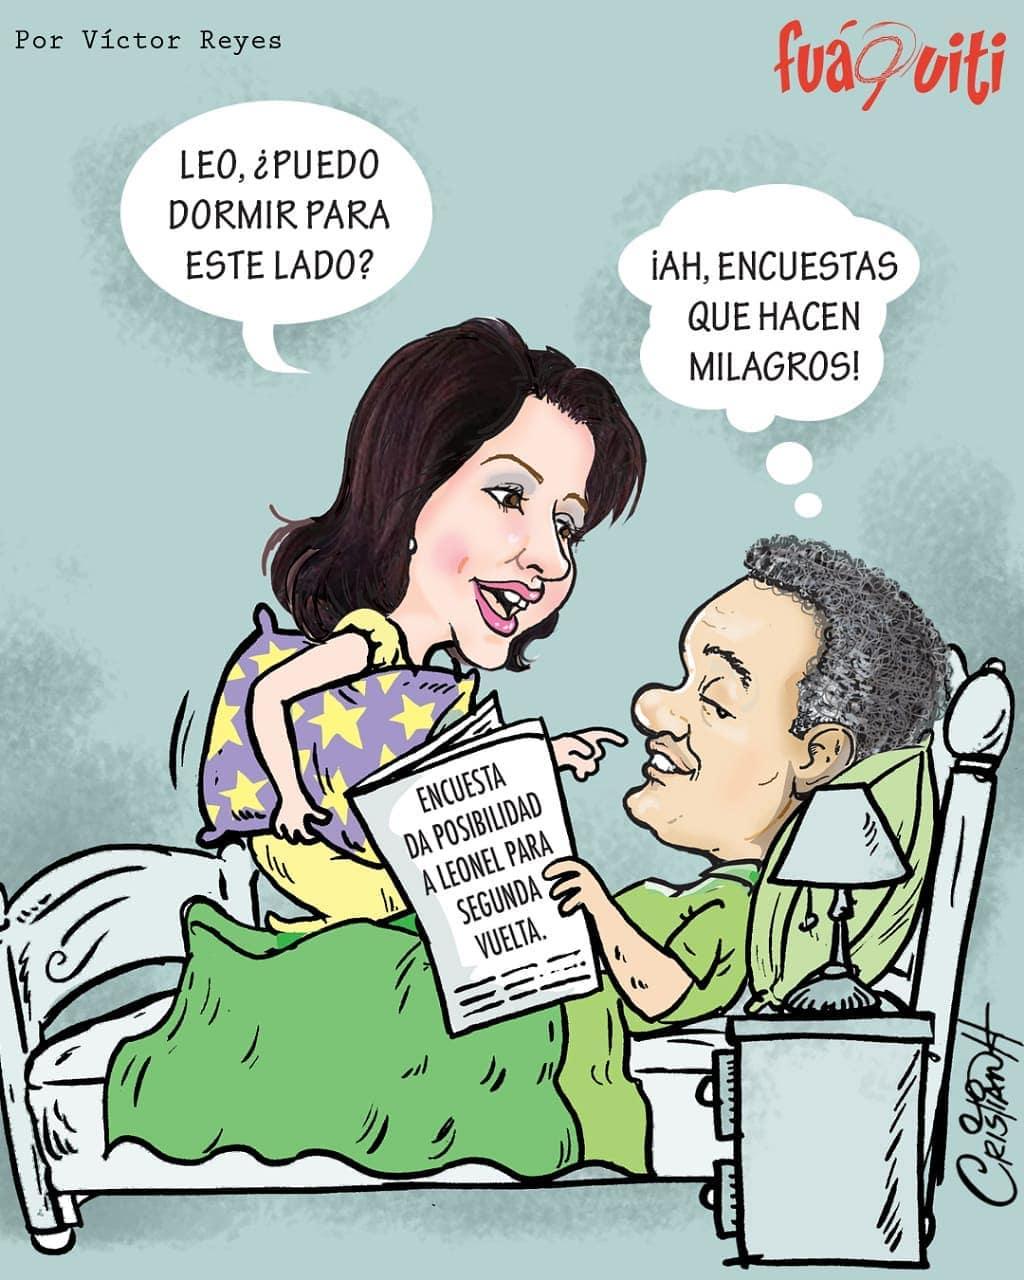 Caricatura Fuaquiti, 15 de Mayo, 2020 – ¡Las Encuestas!